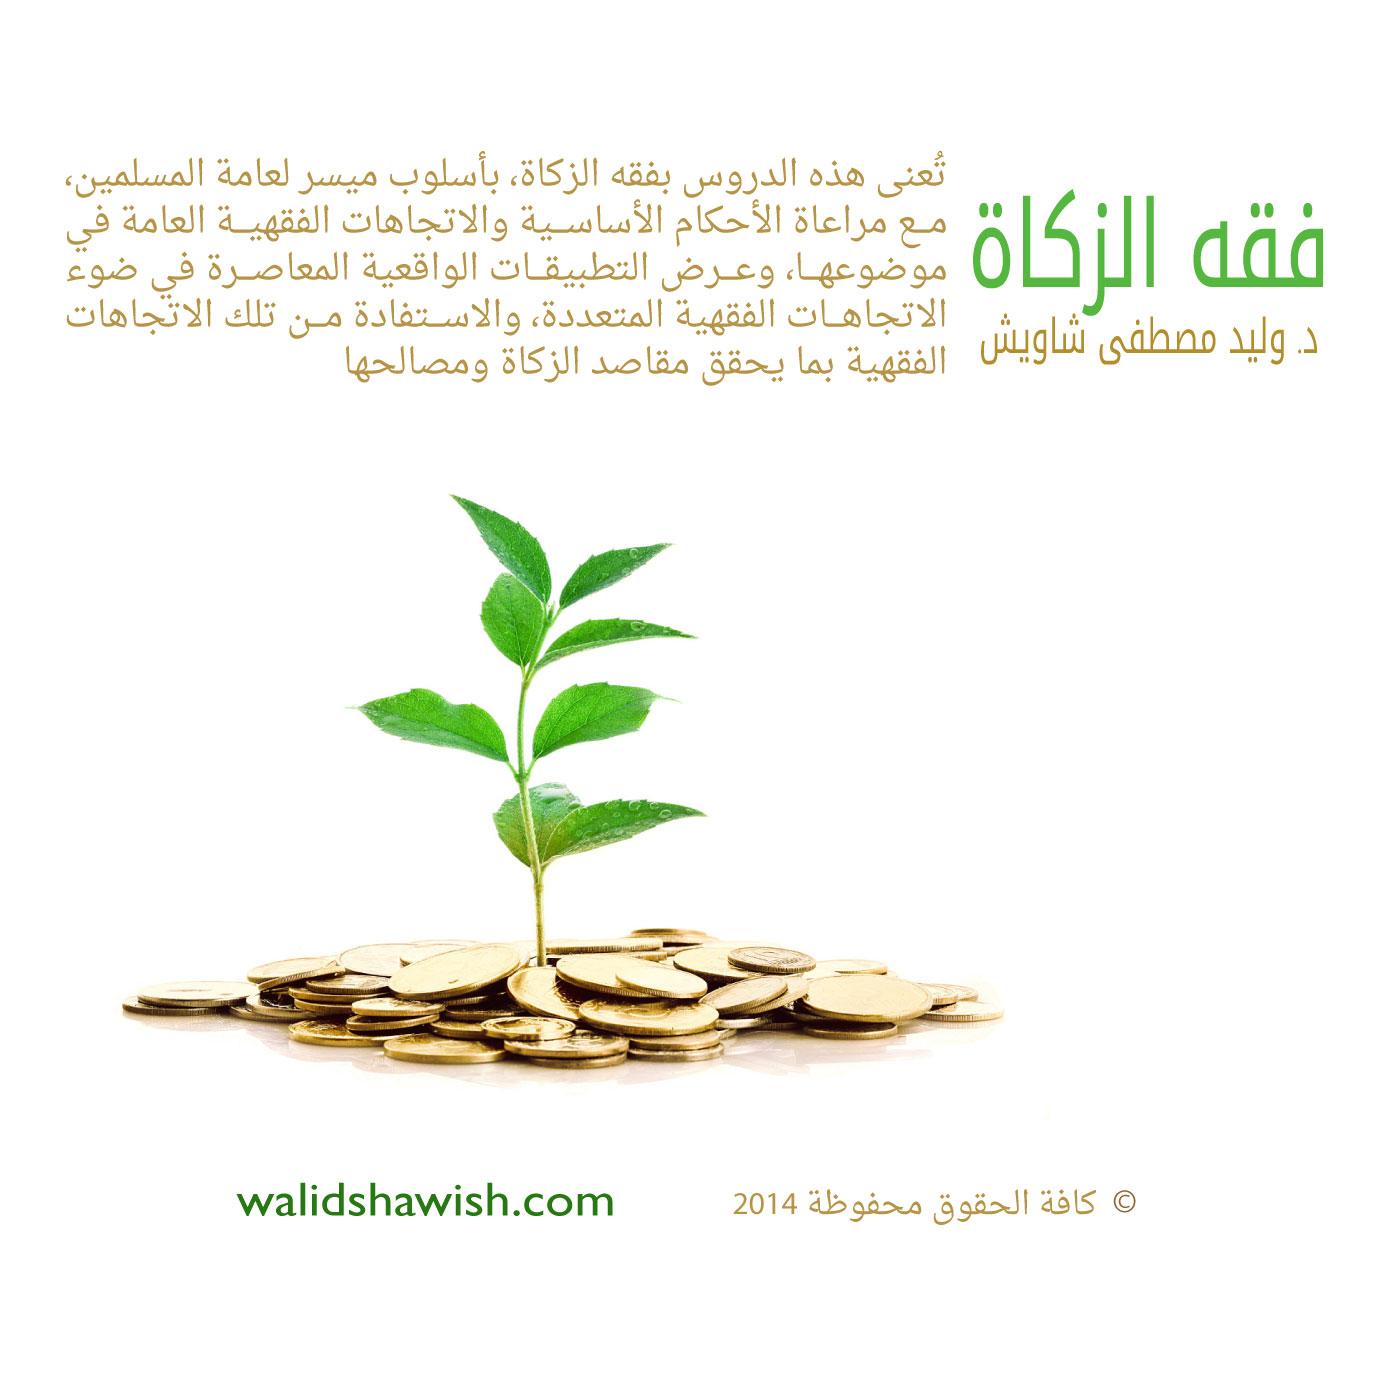 فقه الزكاة – الدكتور وليد مصطفى شاويش